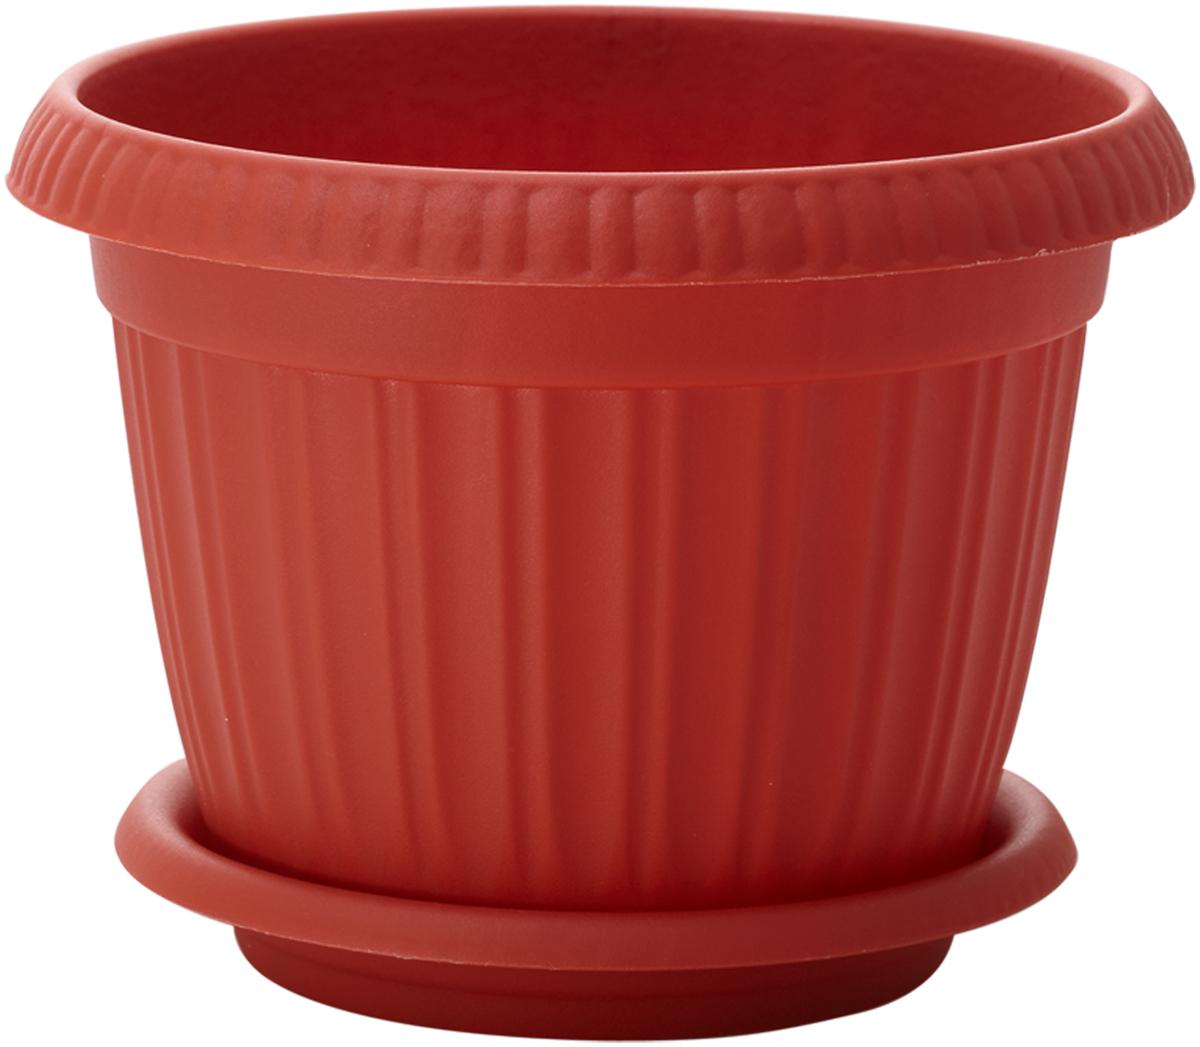 Горшок для цветов InGreen Таити, с подставкой, цвет: терракотовый, диаметр 33 см16180Горшок InGreen Таити, выполненный из высококачественного полипропилена (пластика), предназначен для выращивания комнатных цветов, растений и трав. Специальная конструкция обеспечивает вентиляцию в корневой системе растения, а дренажные отверстия позволяют выходить лишней влаге из почвы. Такой горшок порадует вас современным дизайном и функциональностью, а также оригинально украсит интерьер любого помещения. Диаметр горшка (по верхнему краю): 33 см.Высота горшка: 25 см.